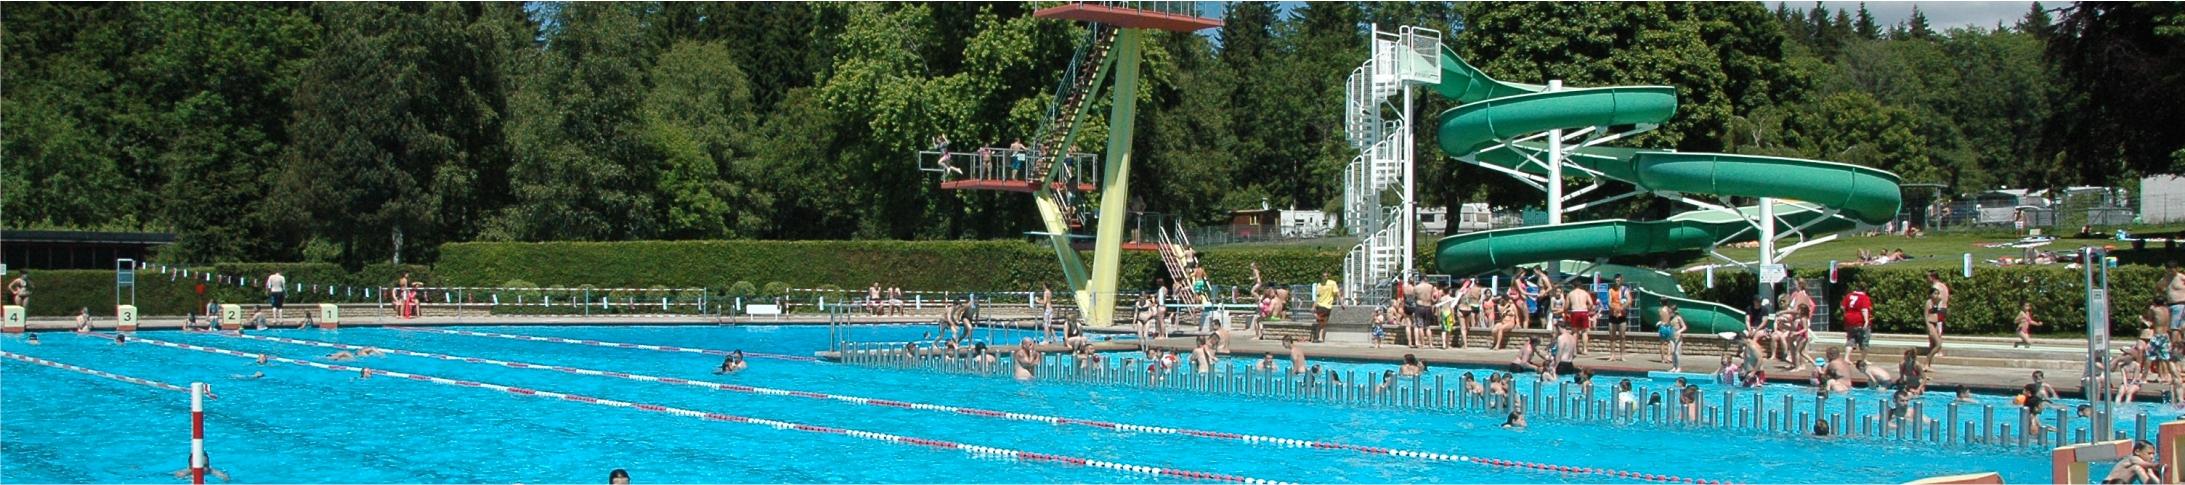 Ouverture de la piscine jeudi 13 mai 2021